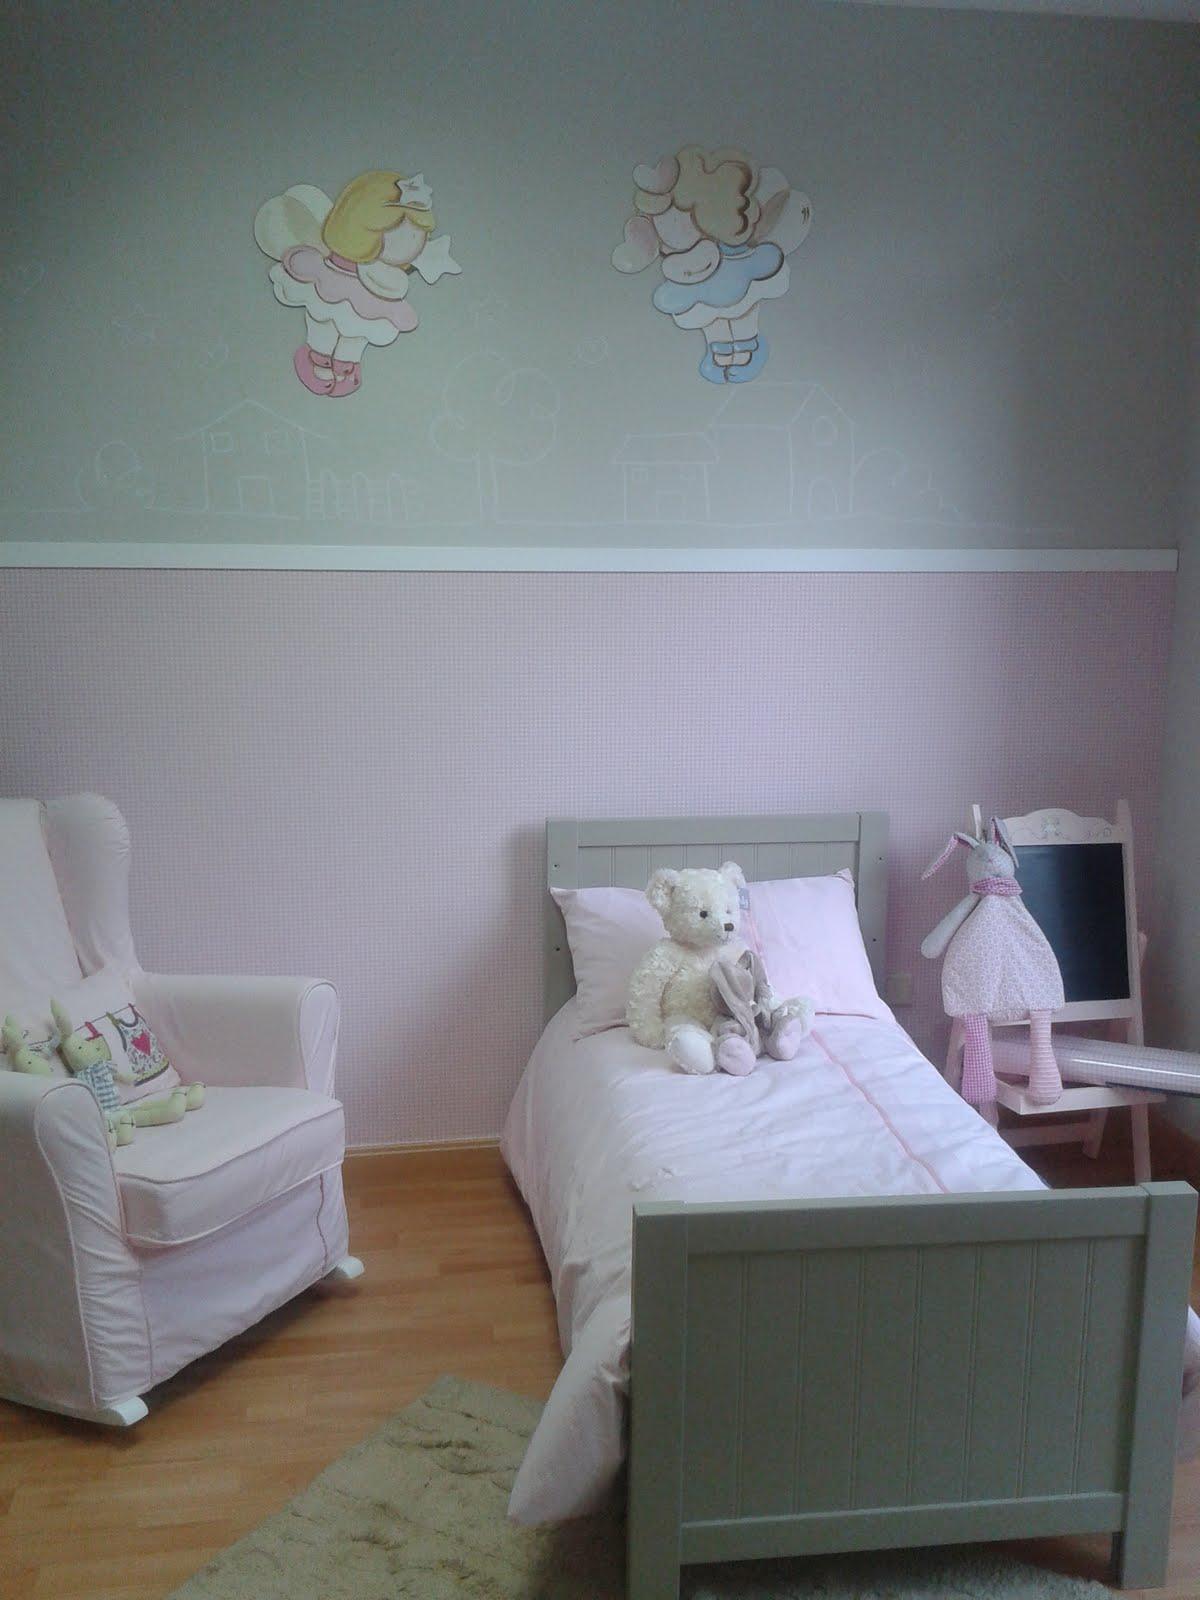 deco chambre b b d coration pour la chambre d 39 une petite fille avec une peinture murale et des. Black Bedroom Furniture Sets. Home Design Ideas